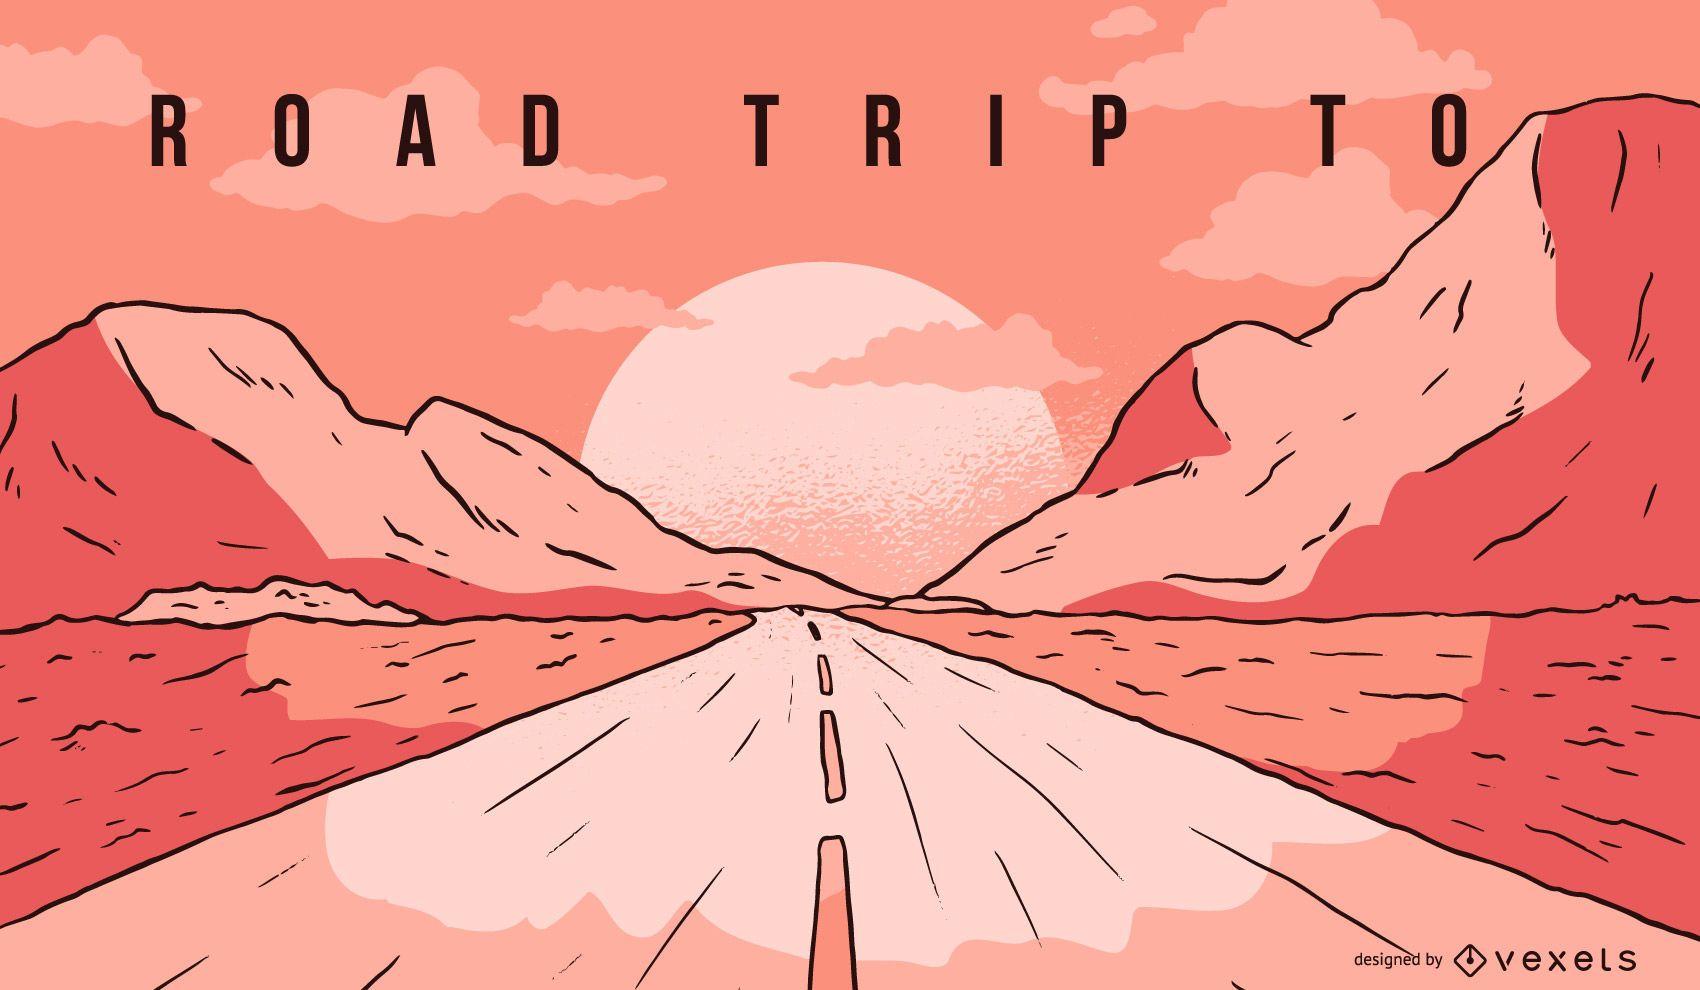 Road trip landscape illustration